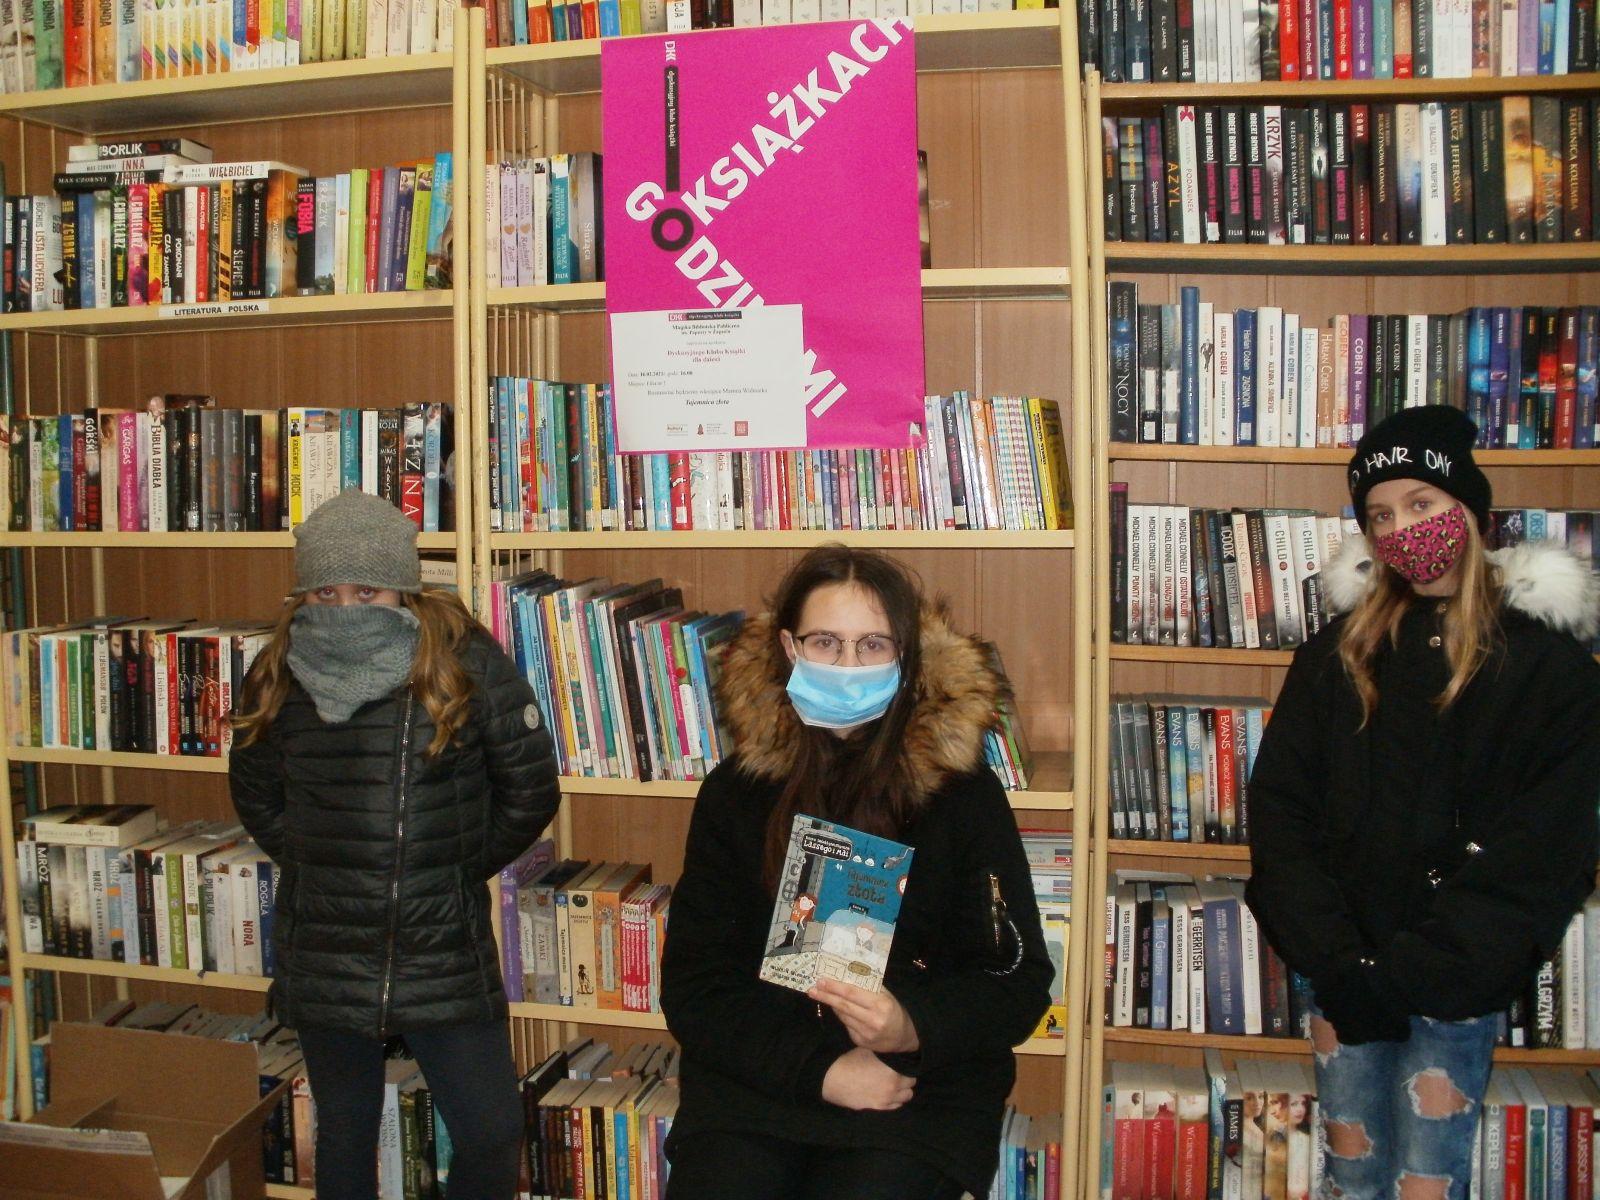 Zdjęcie. Na tle bibliotecznych regałów z książkami i różowego plakatu O książkach godzinami, pozują trzy uczennice. Stojąca w środku trzyma przeczytaną książkę. Wszystkie ubrane w zimowe kurtki z maseczkami na twarzach.